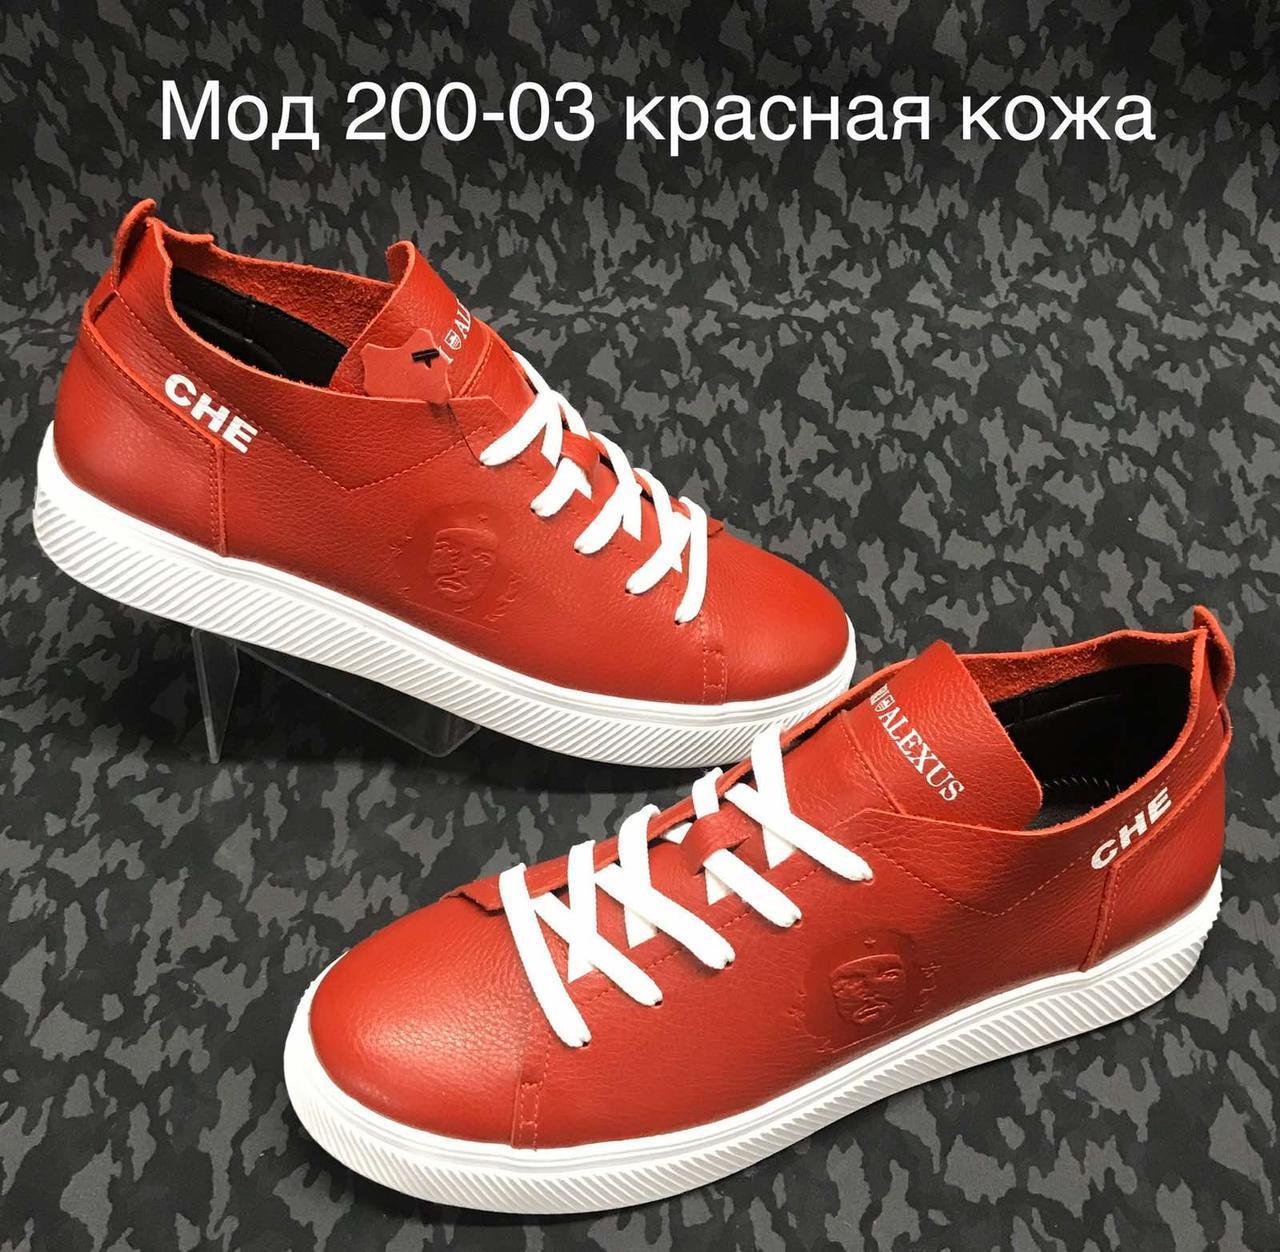 Кожаные мужские кеды  Model -200-03  размеры 40 41 42 43 44 45